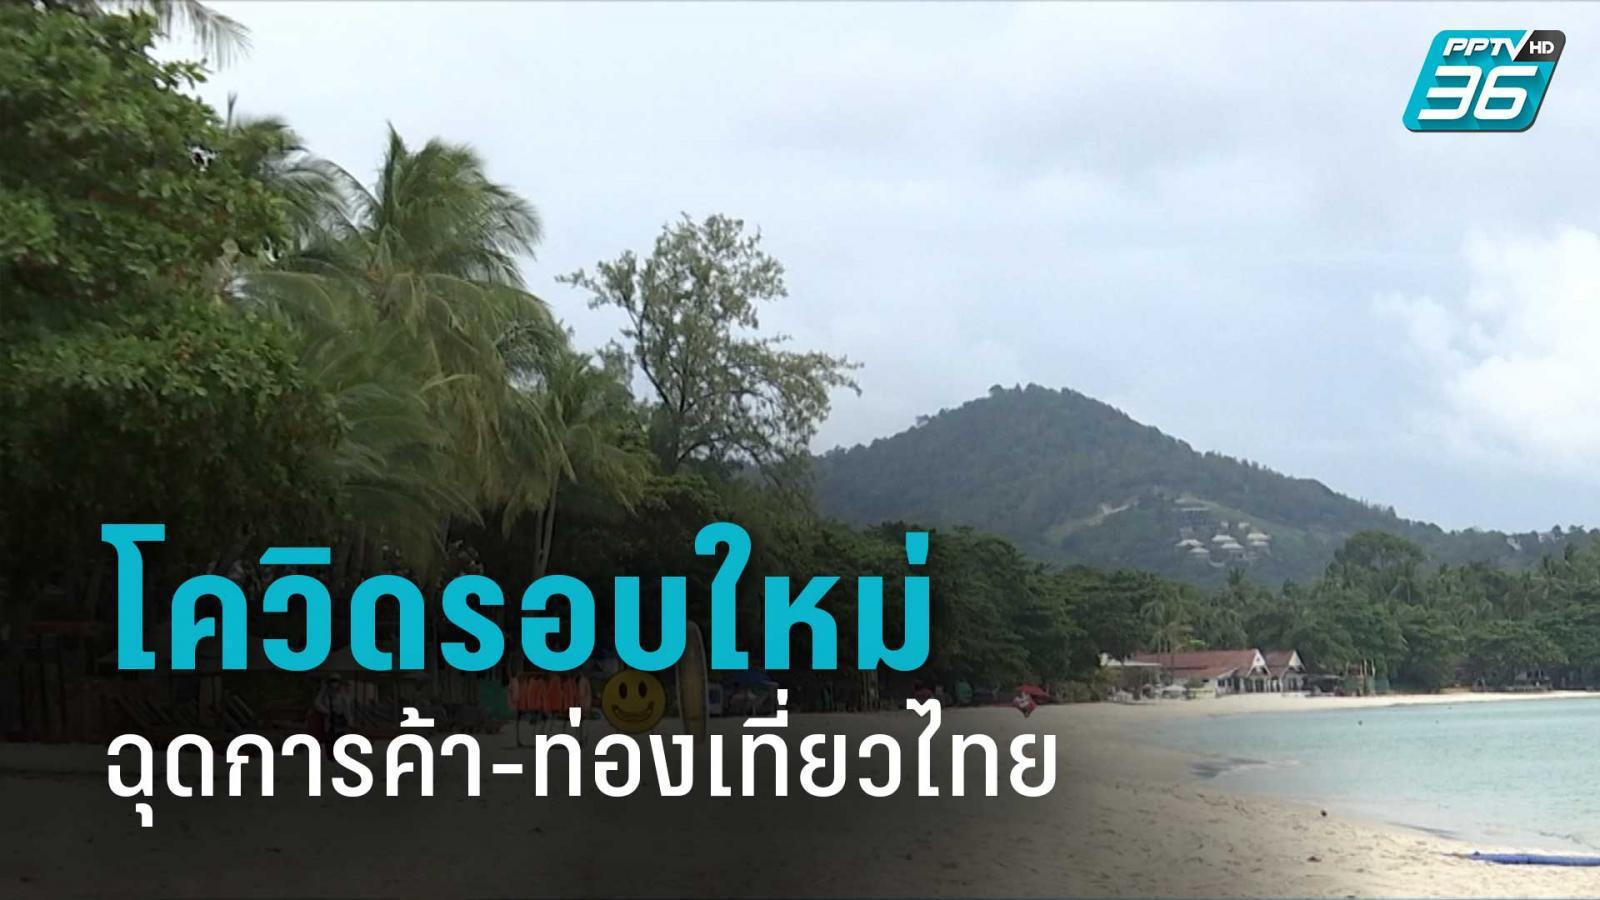 โควิดรอบใหม่ ฉุดการค้า-ท่องเที่ยวไทย วูบ 1.4 แสนล้านบาท กทม.กระทบเยอะสุด